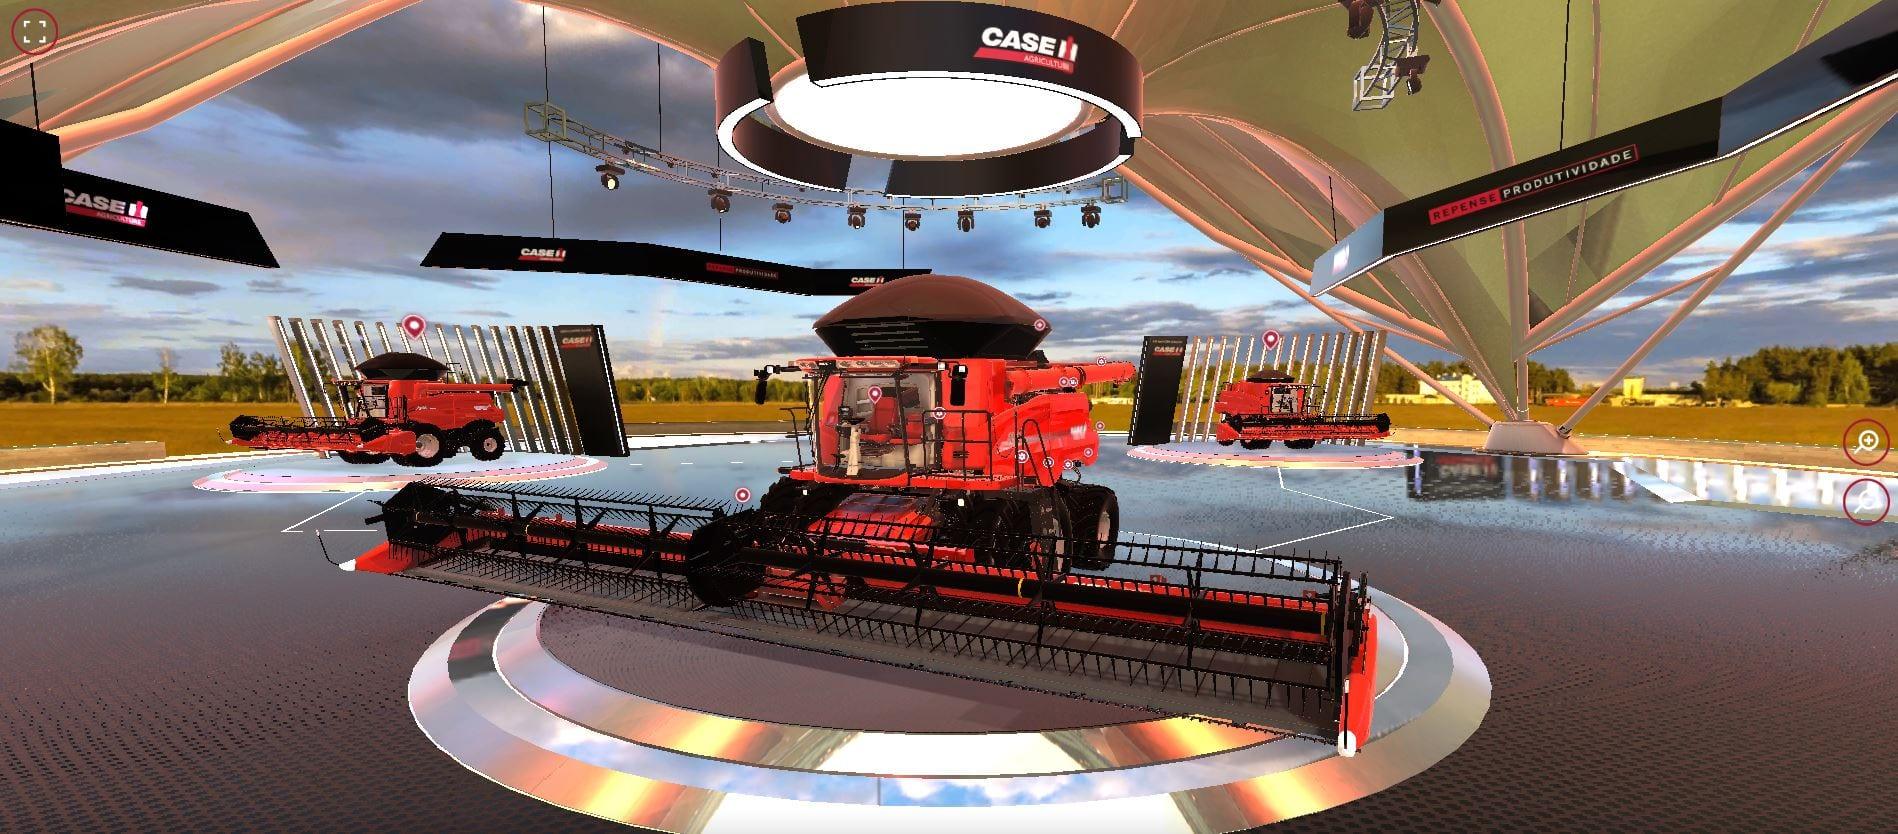 Com 3D imersivo e interativo, showroom da Case IH oferece tour guiado em ambiente virtual com as novas colheitadeiras da marca